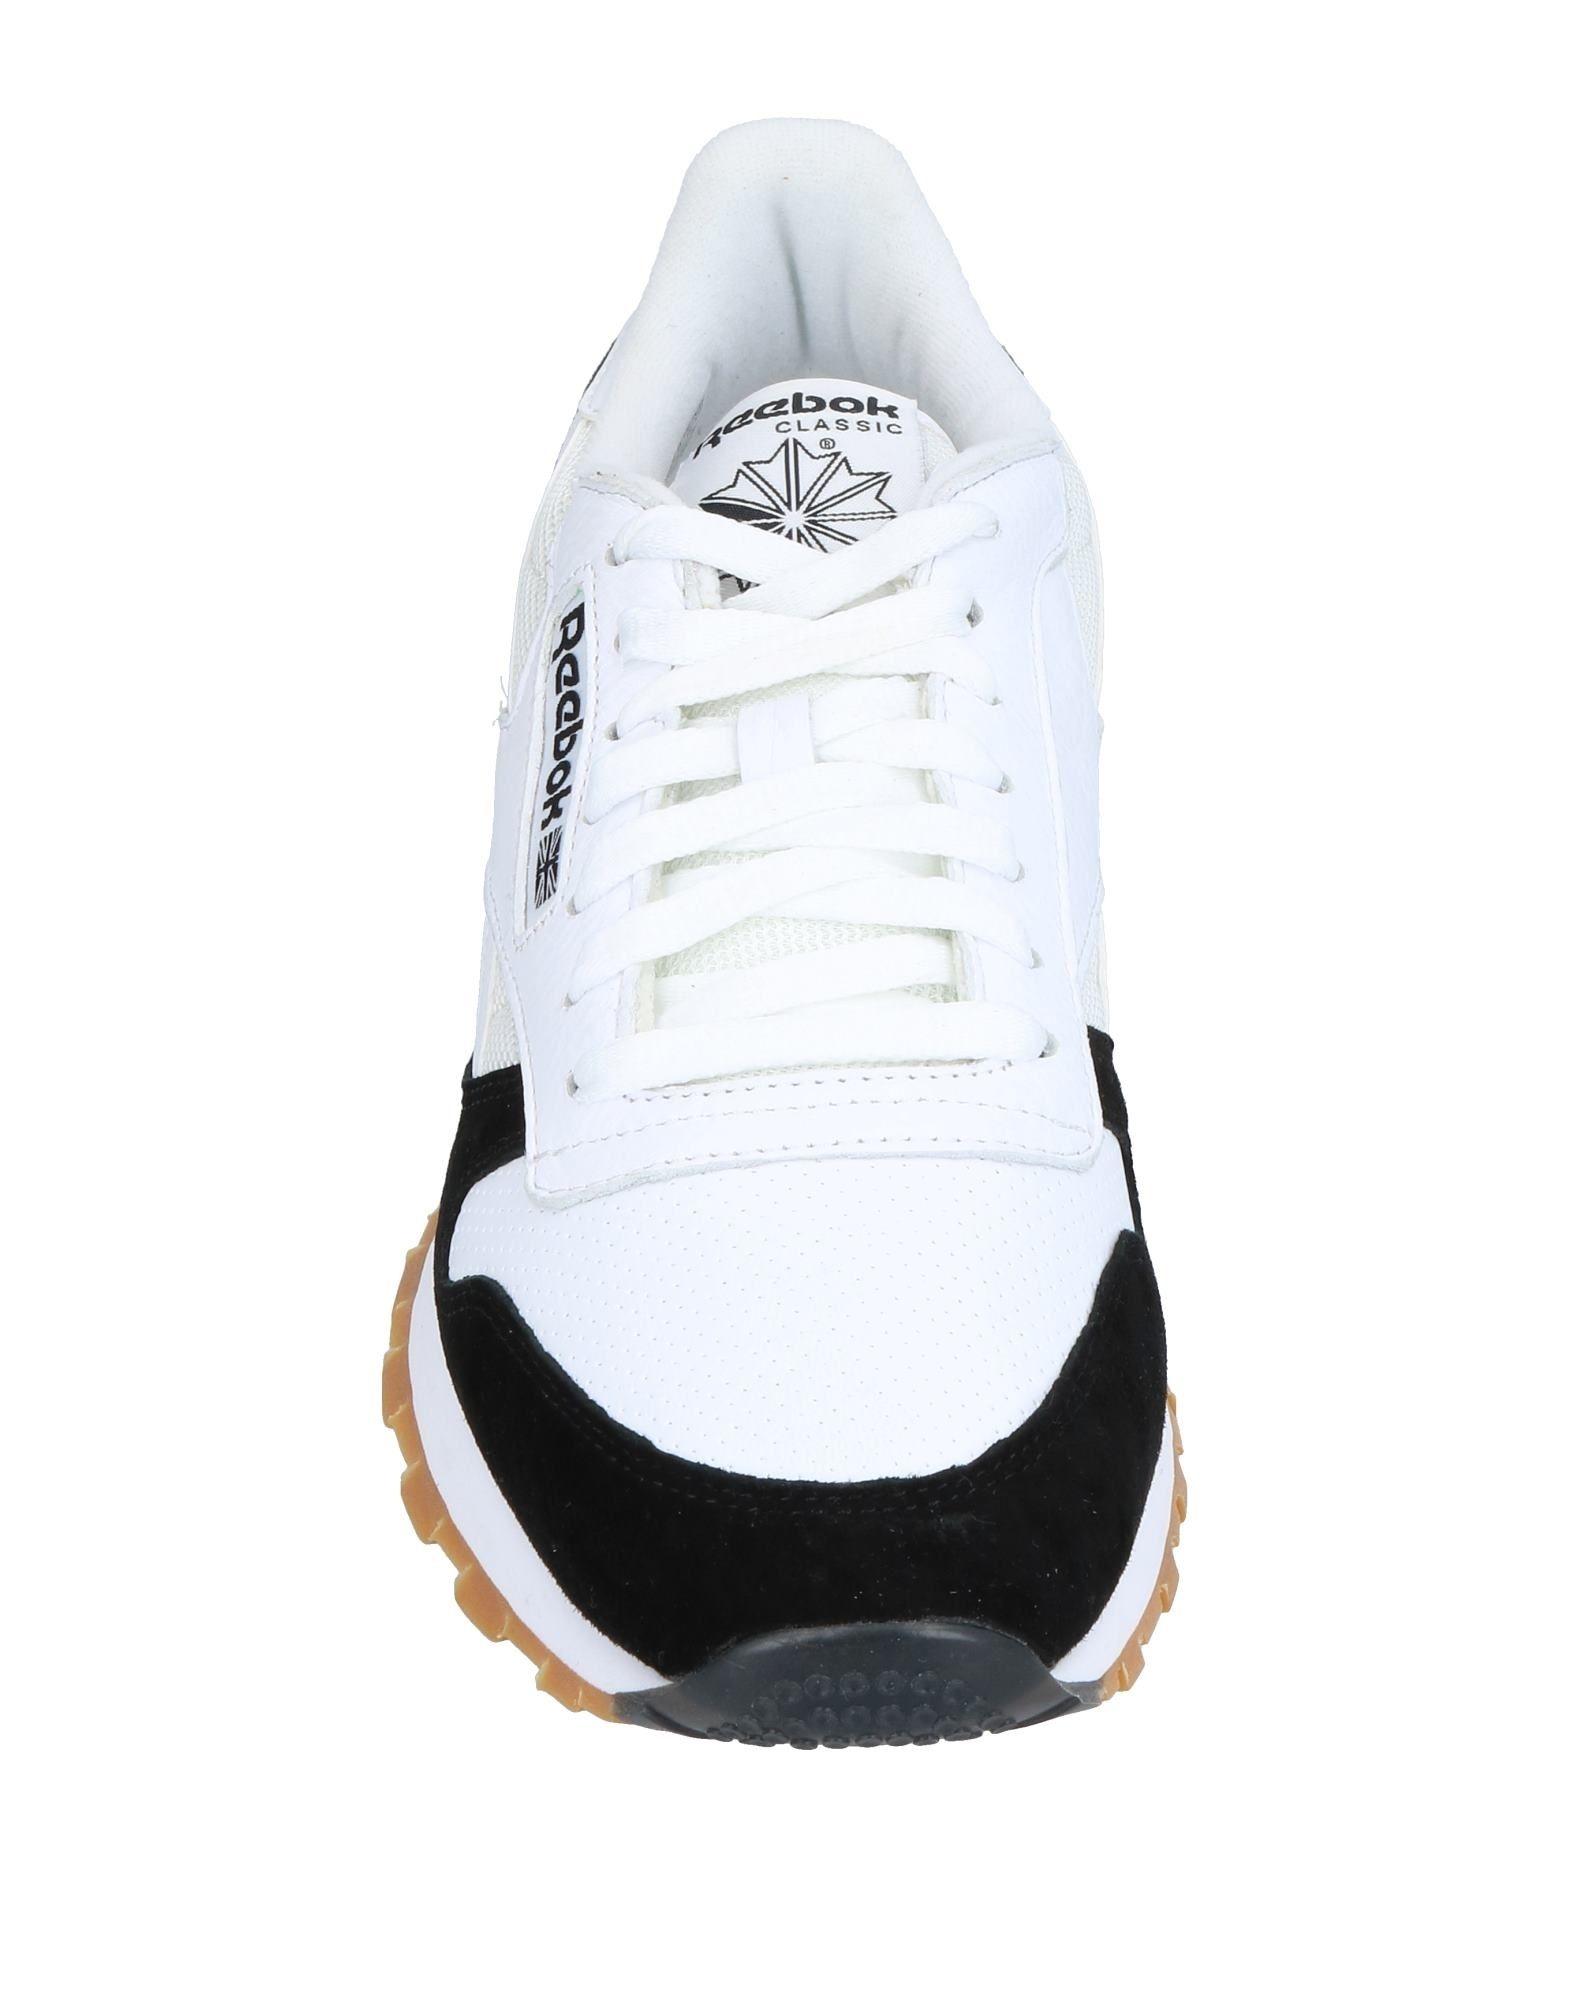 Reebok Sneakers Herren  11401967EX 11401967EX  0b58ec